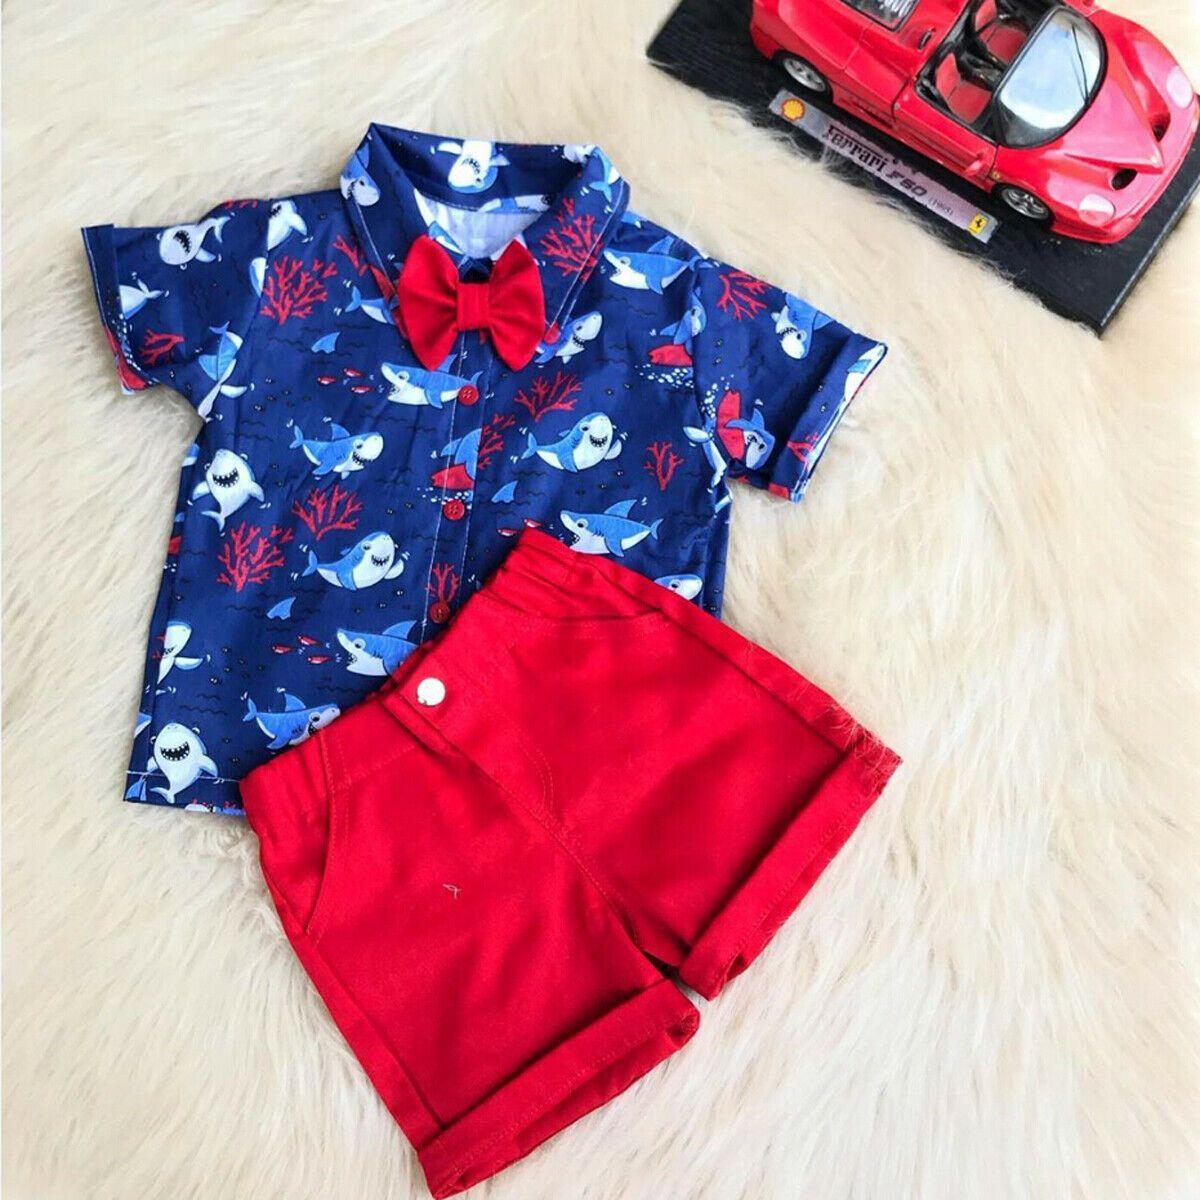 2pcs Toddler Kid Baby Boy Clothes Outfits Animal Printed Shirt Tops Shorts Pants